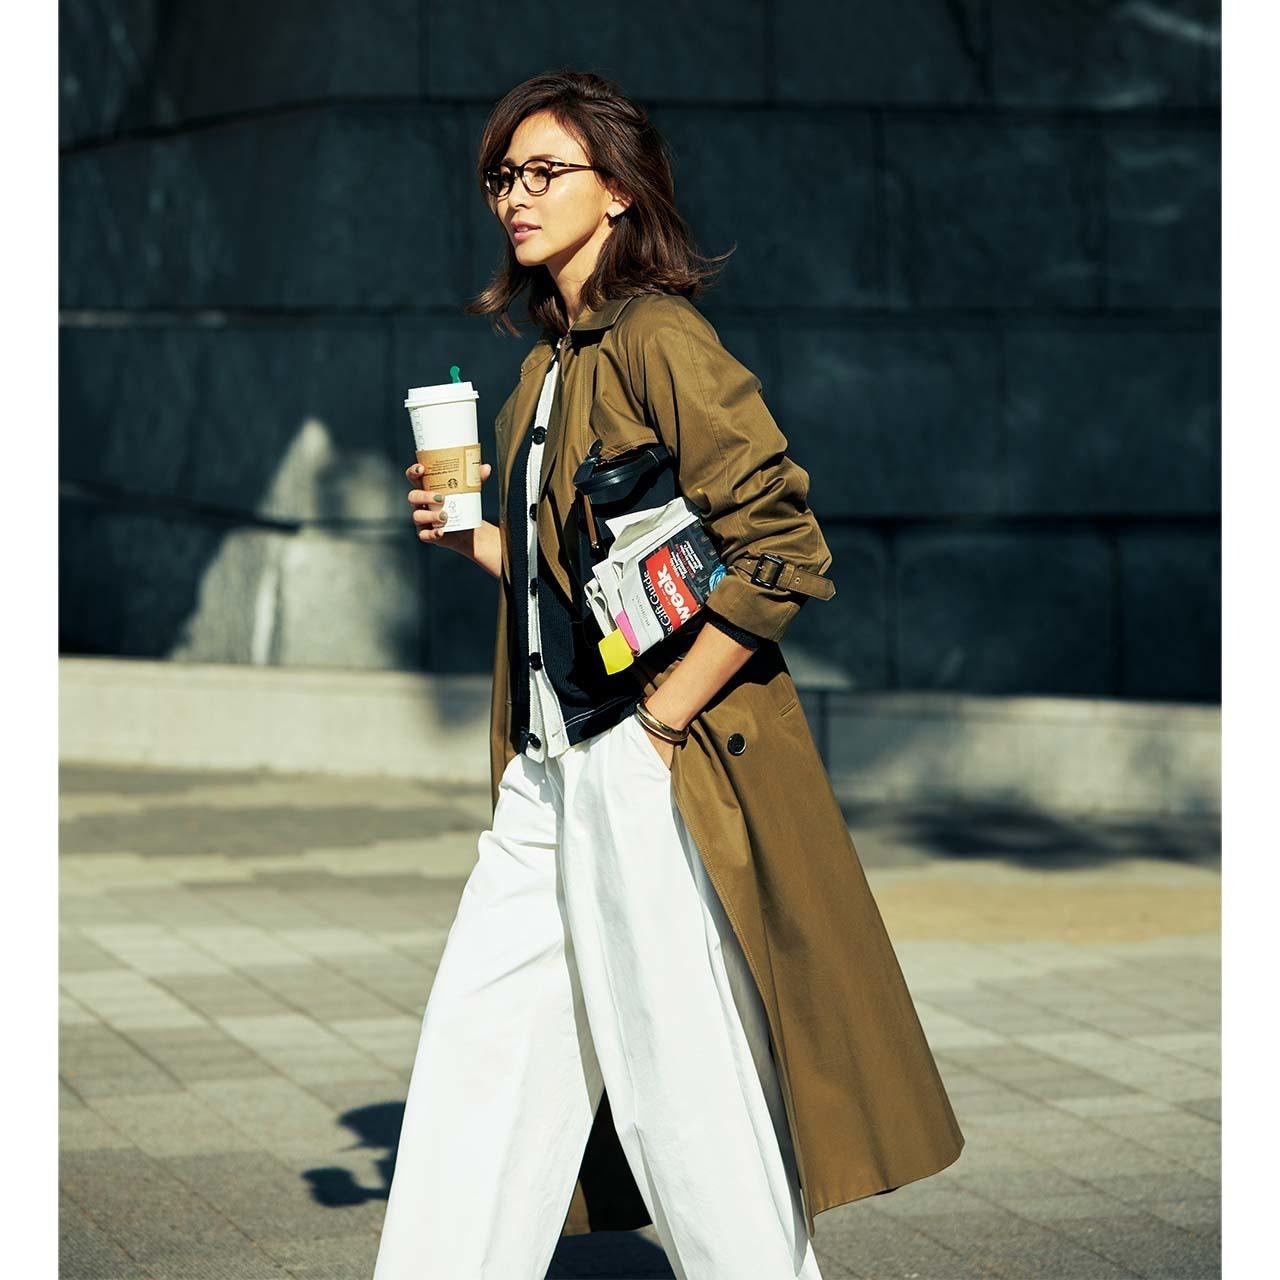 ベージュのトレンチコート×カーディガン&チノパンツのファッションコーデ